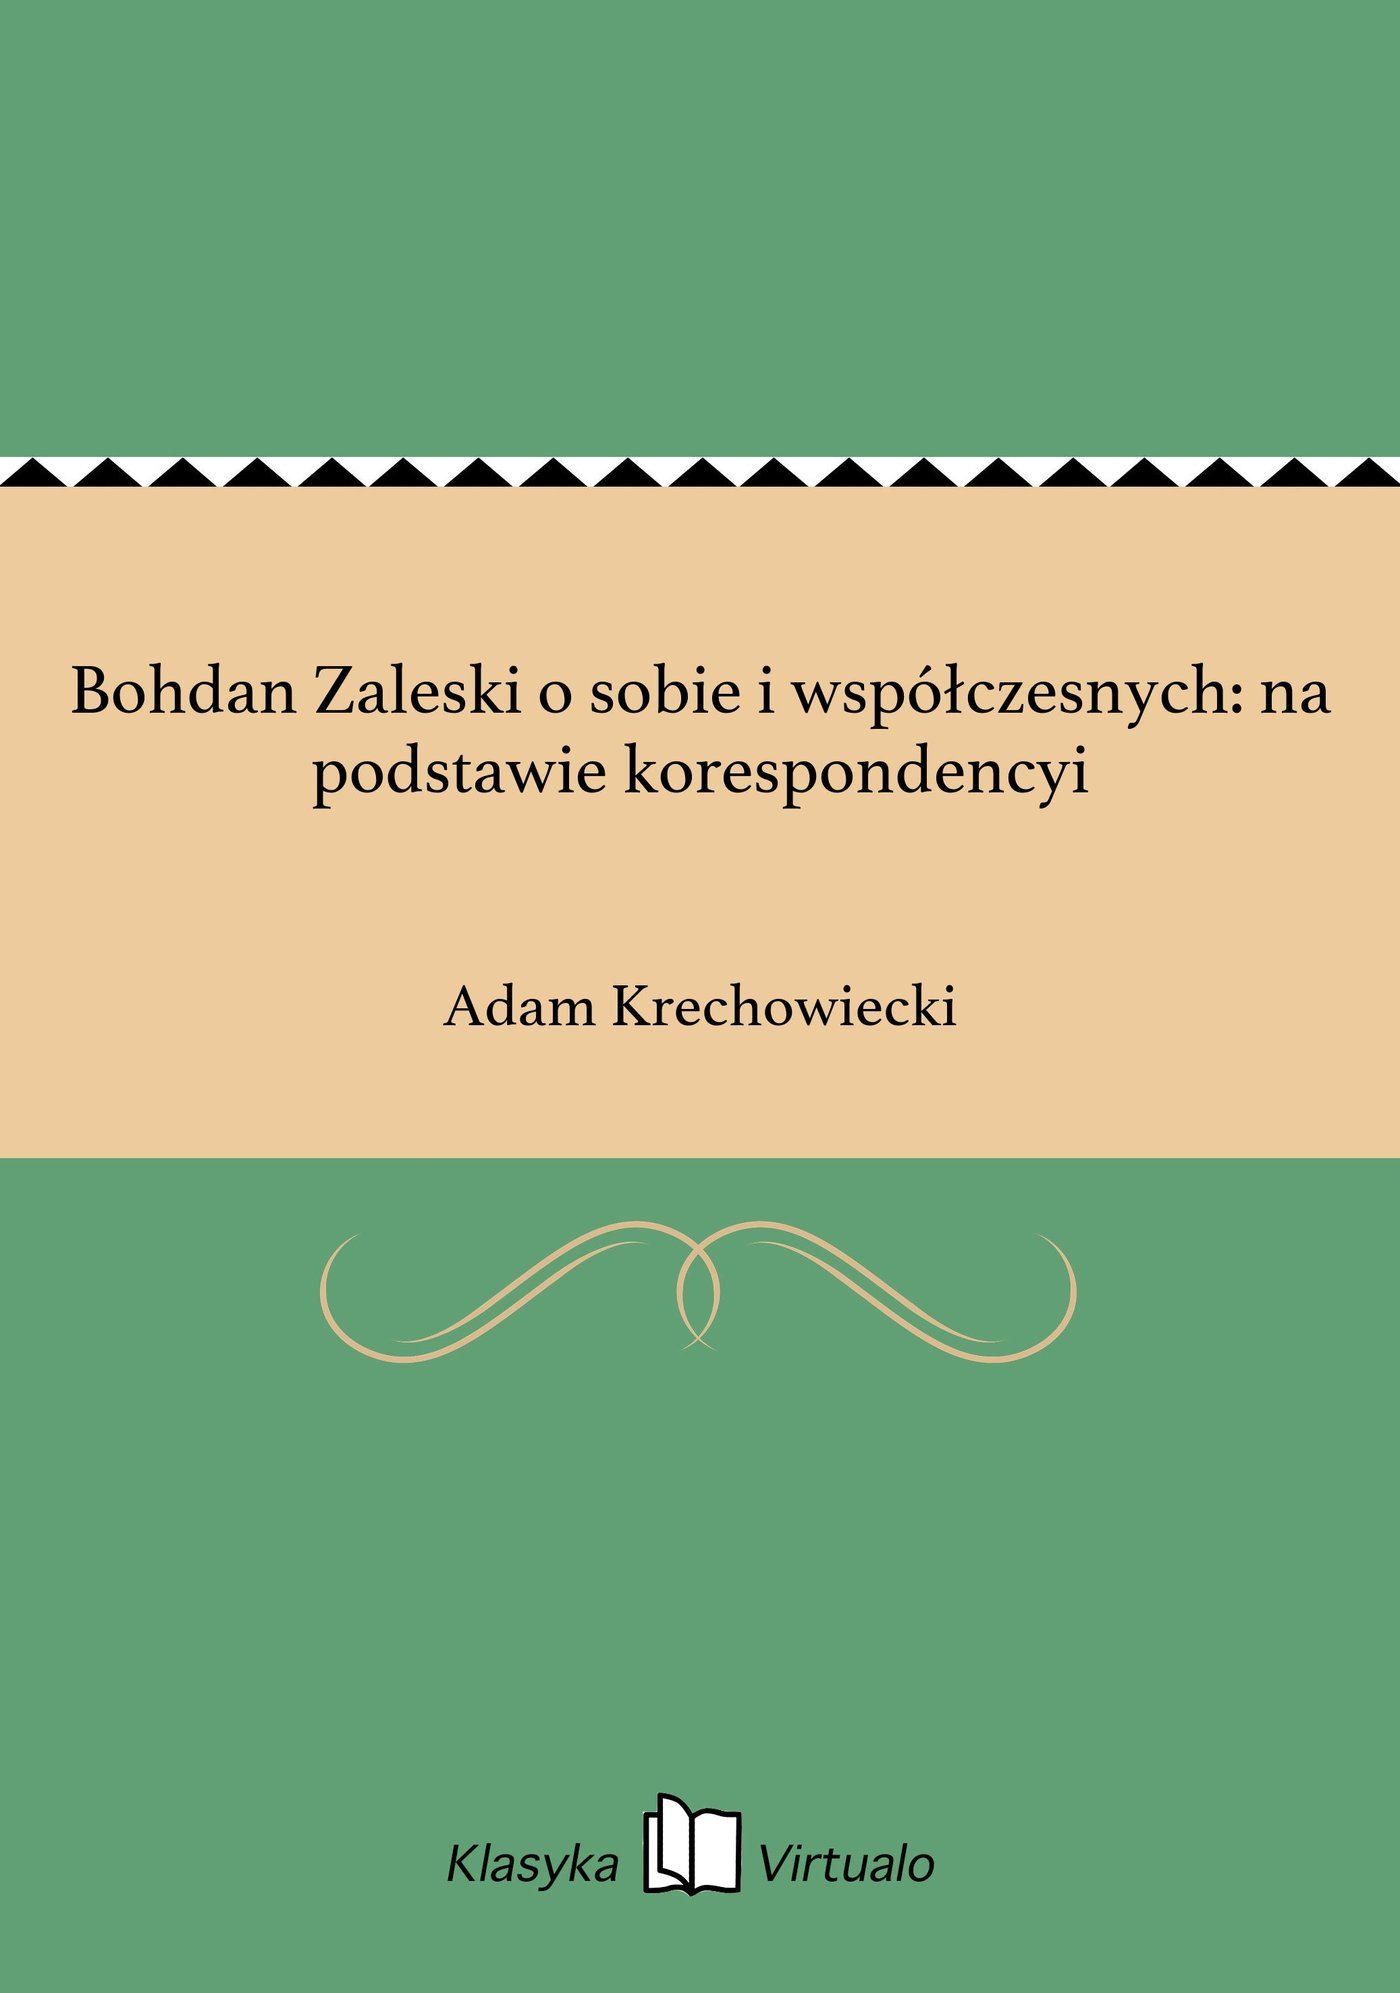 Bohdan Zaleski o sobie i współczesnych: na podstawie korespondencyi - Ebook (Książka EPUB) do pobrania w formacie EPUB